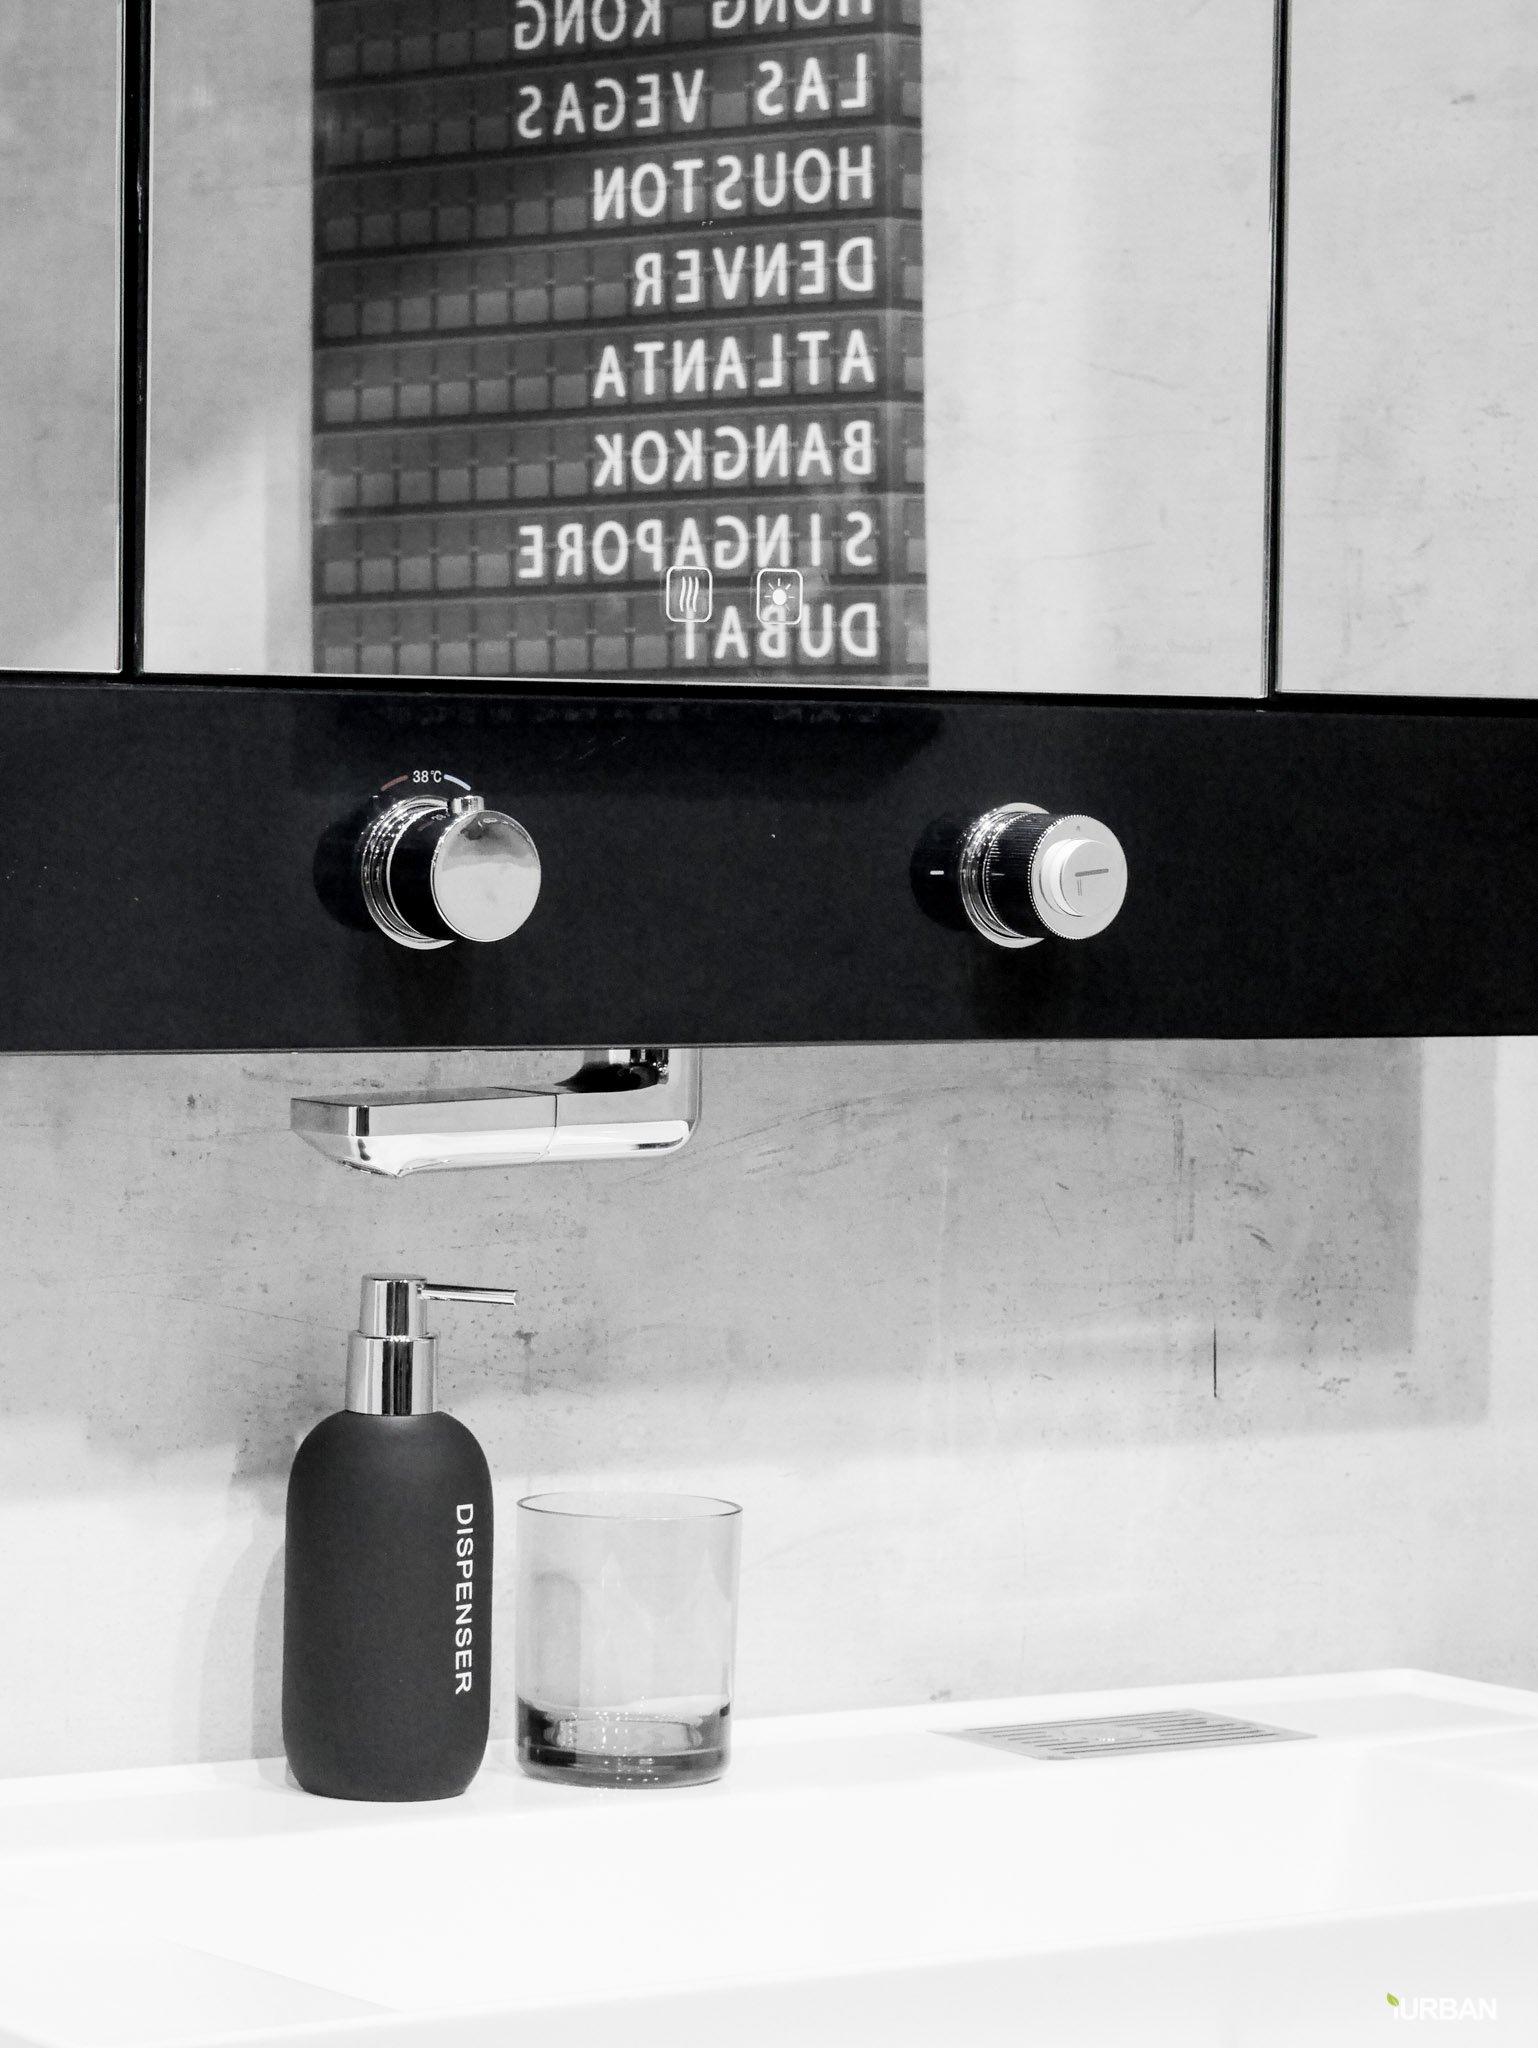 ปฏิวัติวงการเซรามิค 100 ปี ยังดูดีเหมือนใหม่ ชมนวัตกรรมสุขภัณฑ์ใหม่ในงานสถาปนิก '61 39 - American Standard